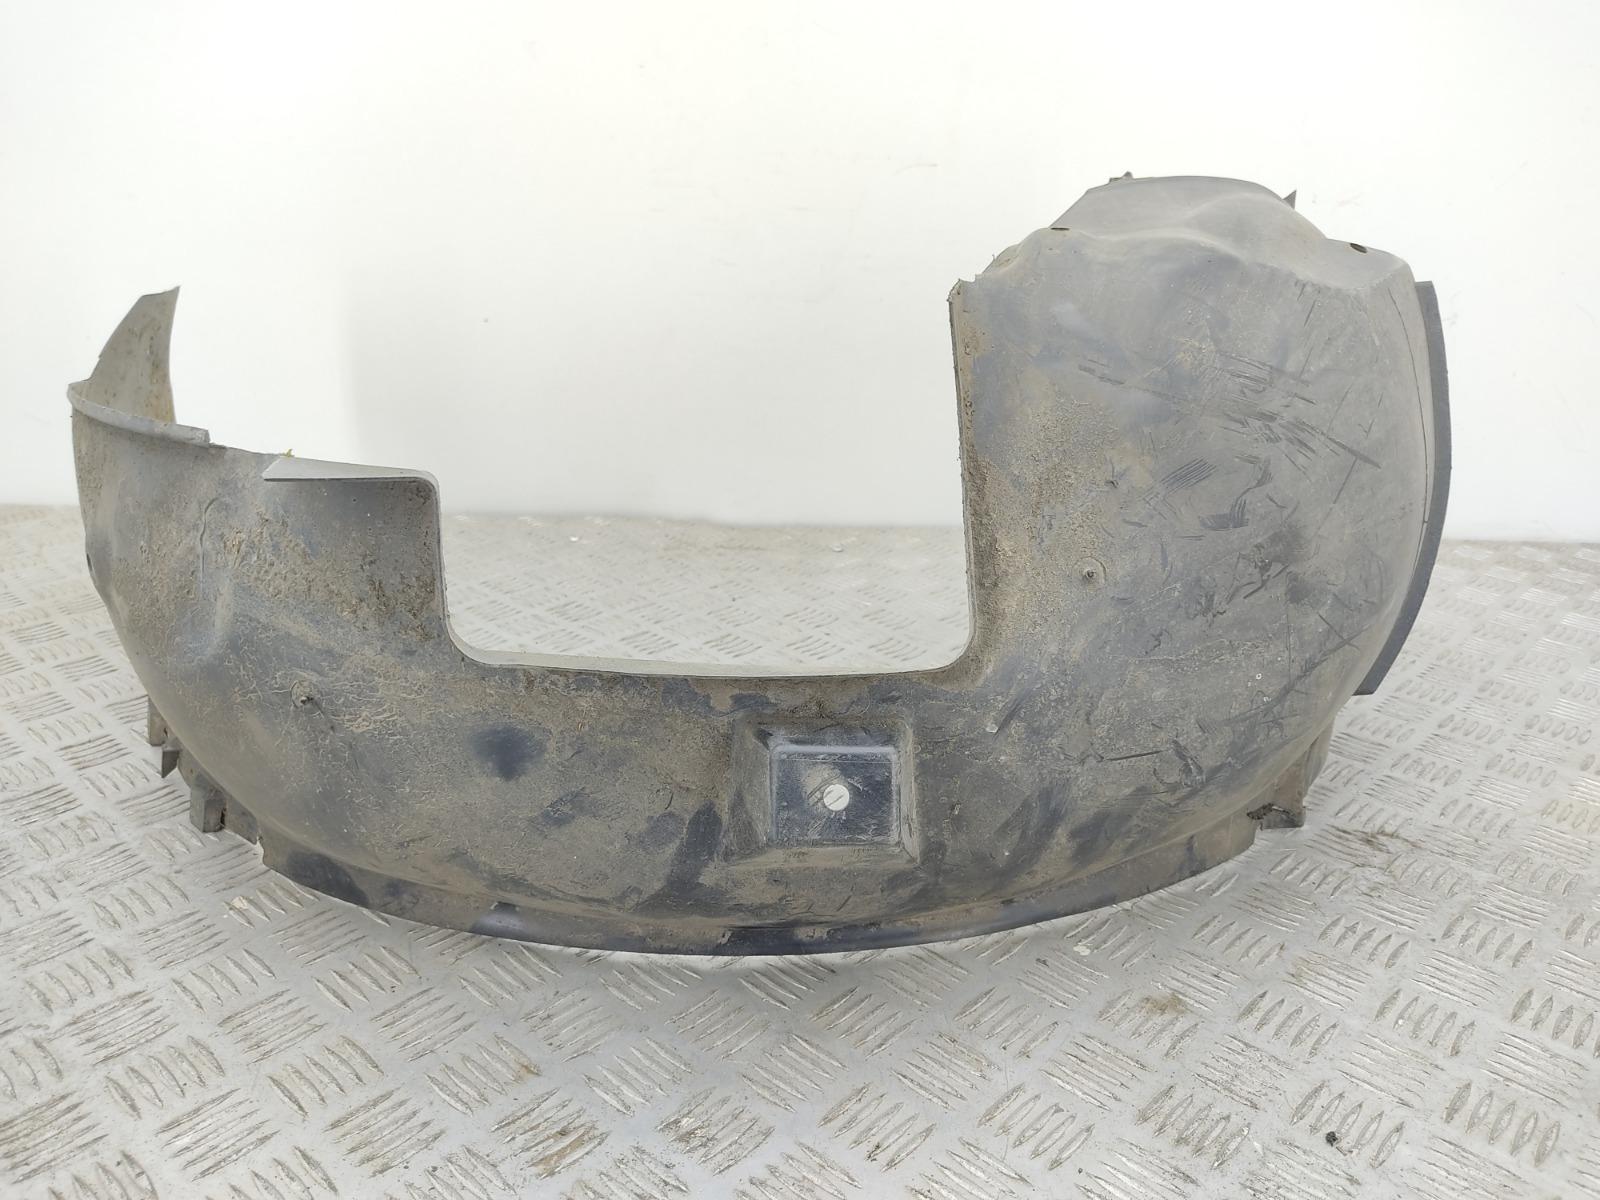 Защита арок передняя правая (подкрылок) Opel Vectra C 1.8 I 2005 (б/у)